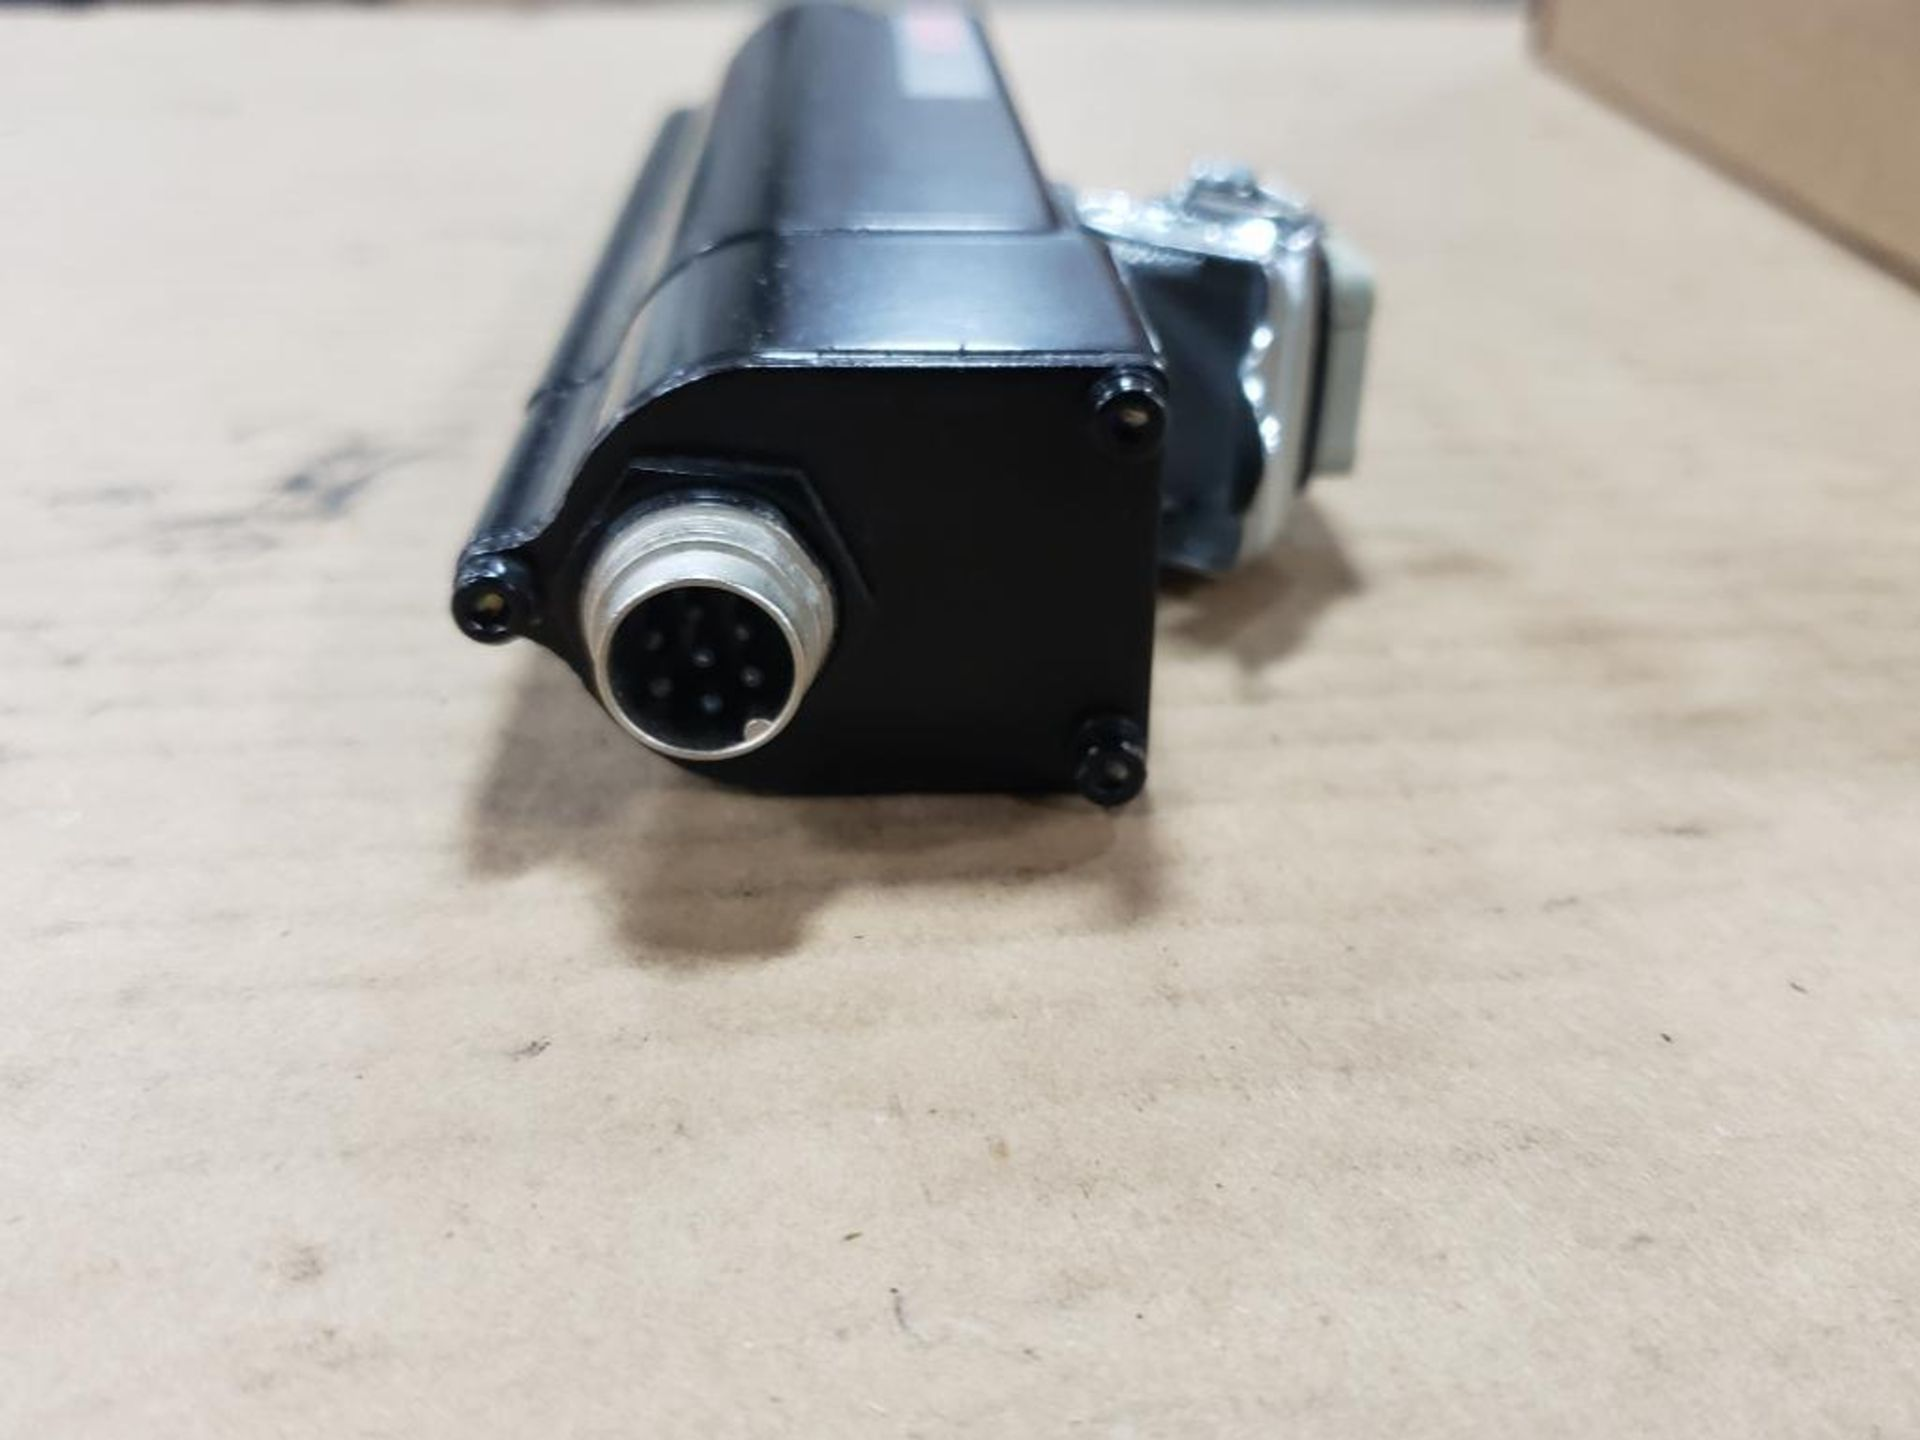 Bosch 0-608-701-013 Brushless DC-Motor. - Image 5 of 7